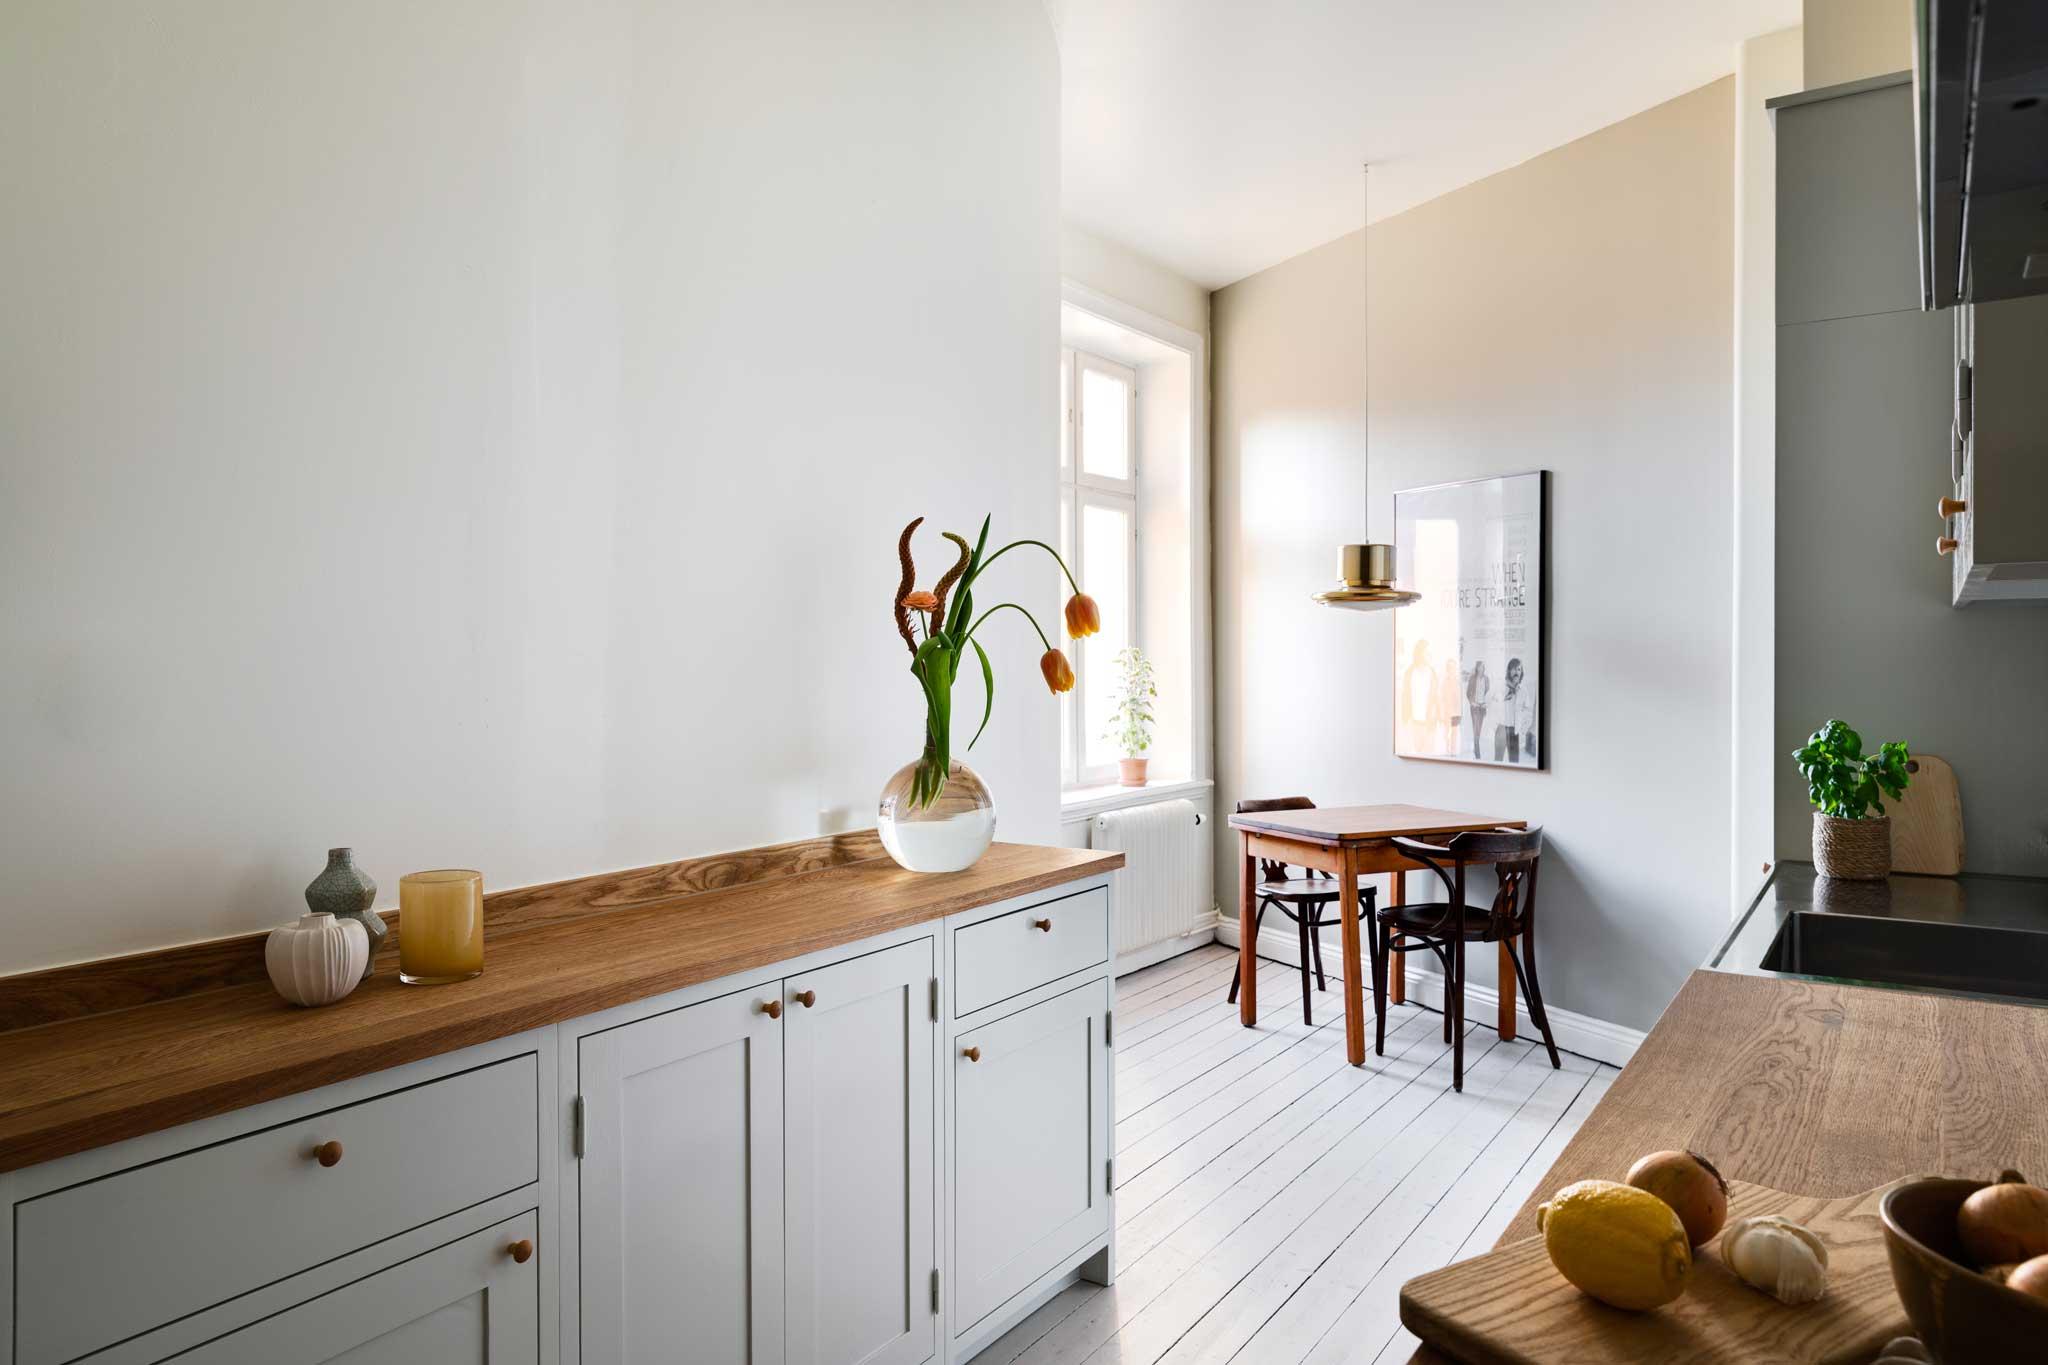 Köksinspiration serveringsgång ljusgrått kök i majorna från Skandinaviska Shakerkök